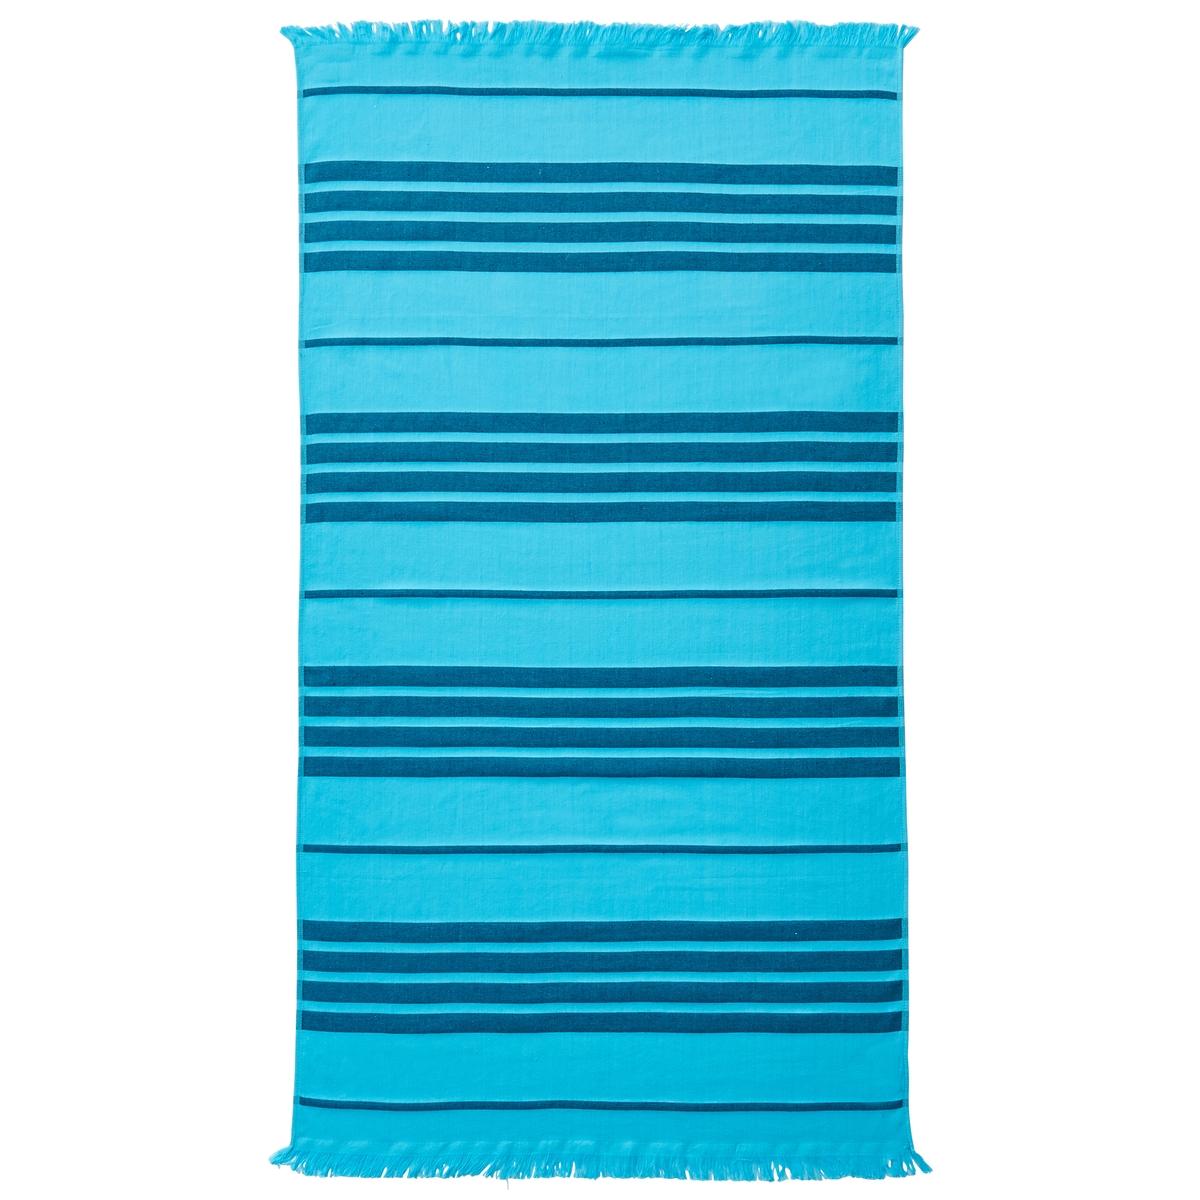 Полотенце пляжное PeppyОписание пляжного полотенца Peppy :Рисунок в полоску в тон, отделка бахромойХарактеристики пляжного полотенца Peppy :100% хлопок300 г/м?.Машинная стирка при 40 °С.Размеры пляжного полотенца Peppy :90 x 140 см<br><br>Цвет: бирюзовый,желтый